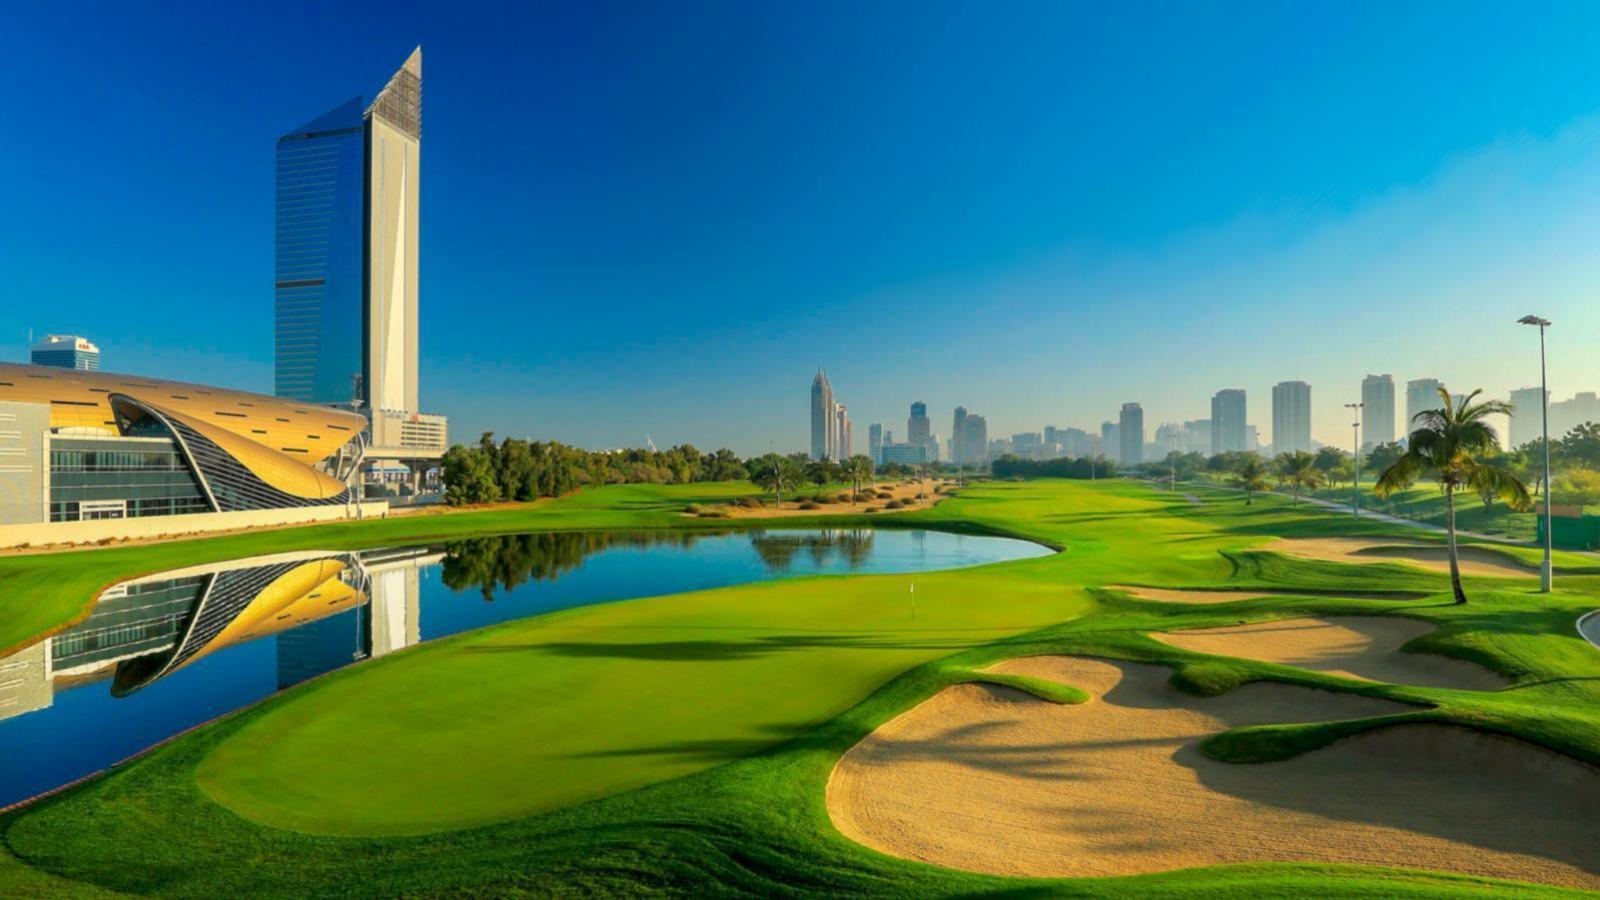 DAY 3 - Dubai - Play Golf